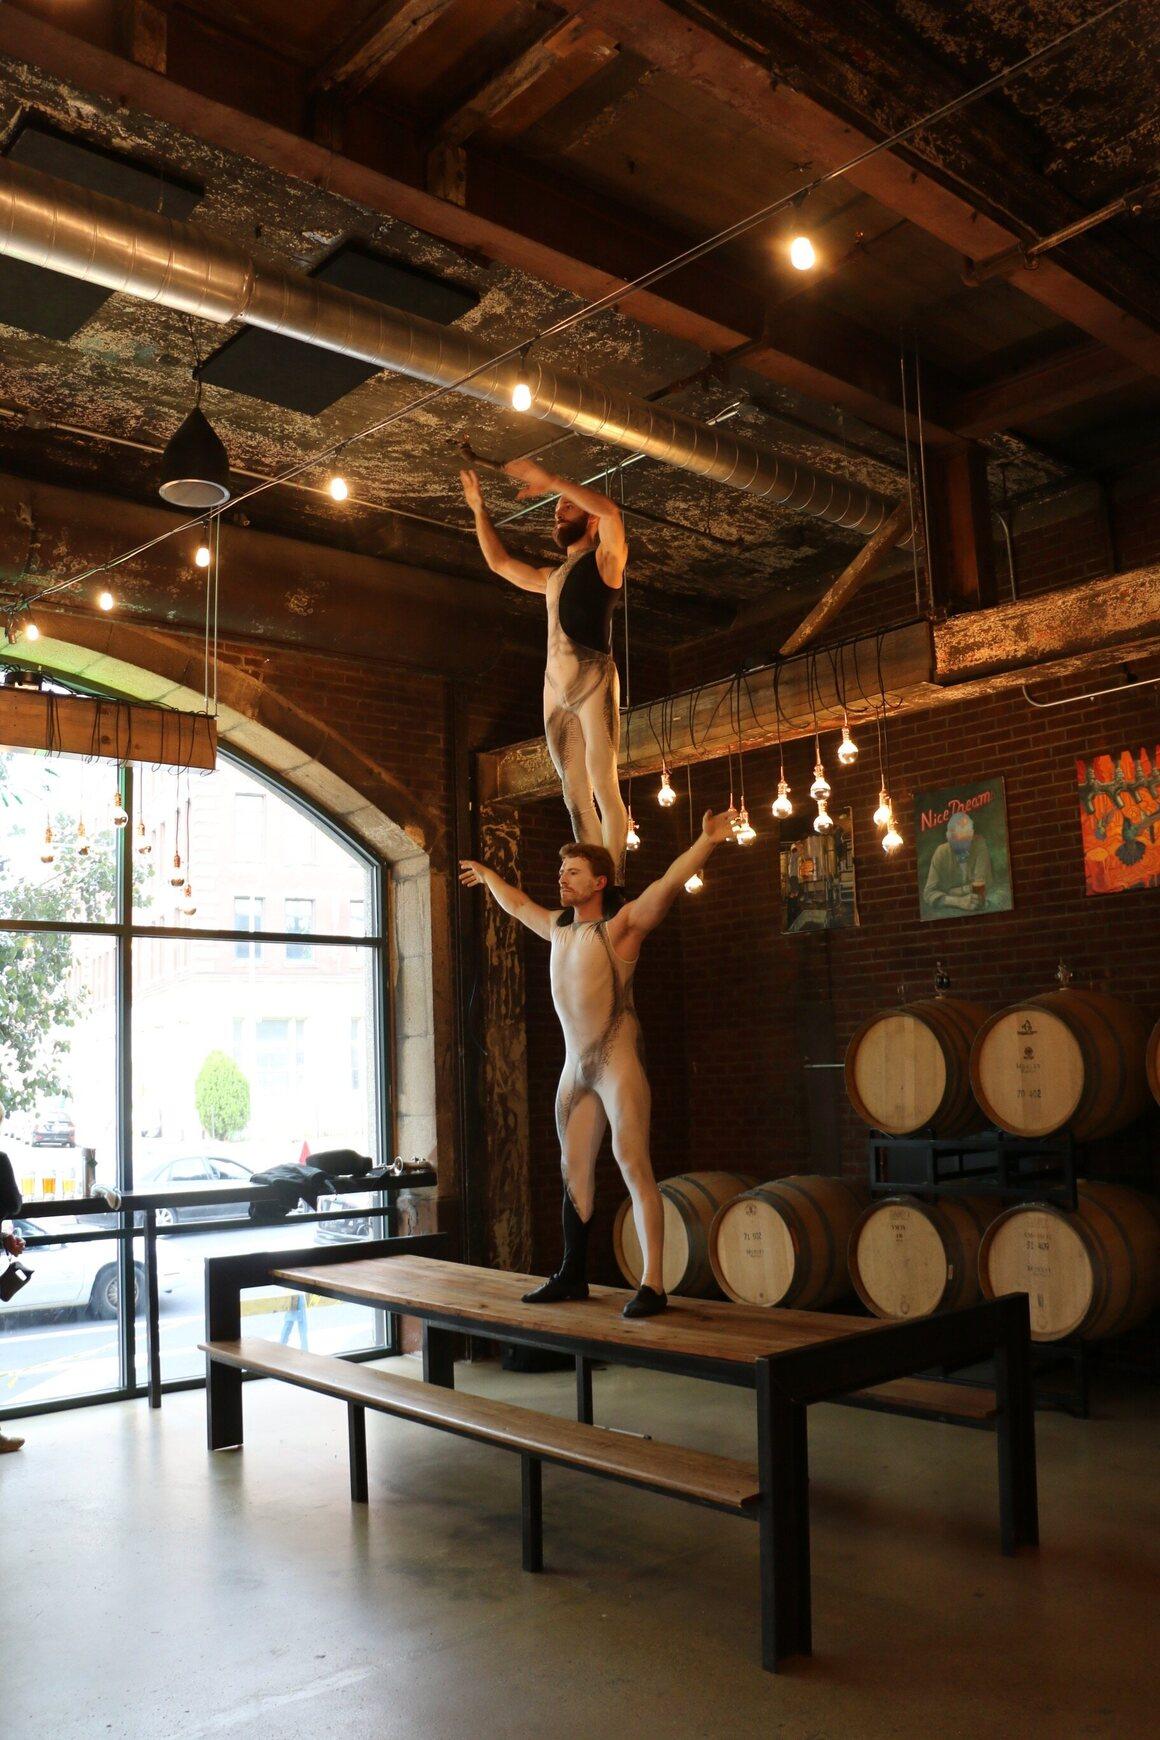 Acrobats Ara and Oli of Cirque-tacular perform feats.